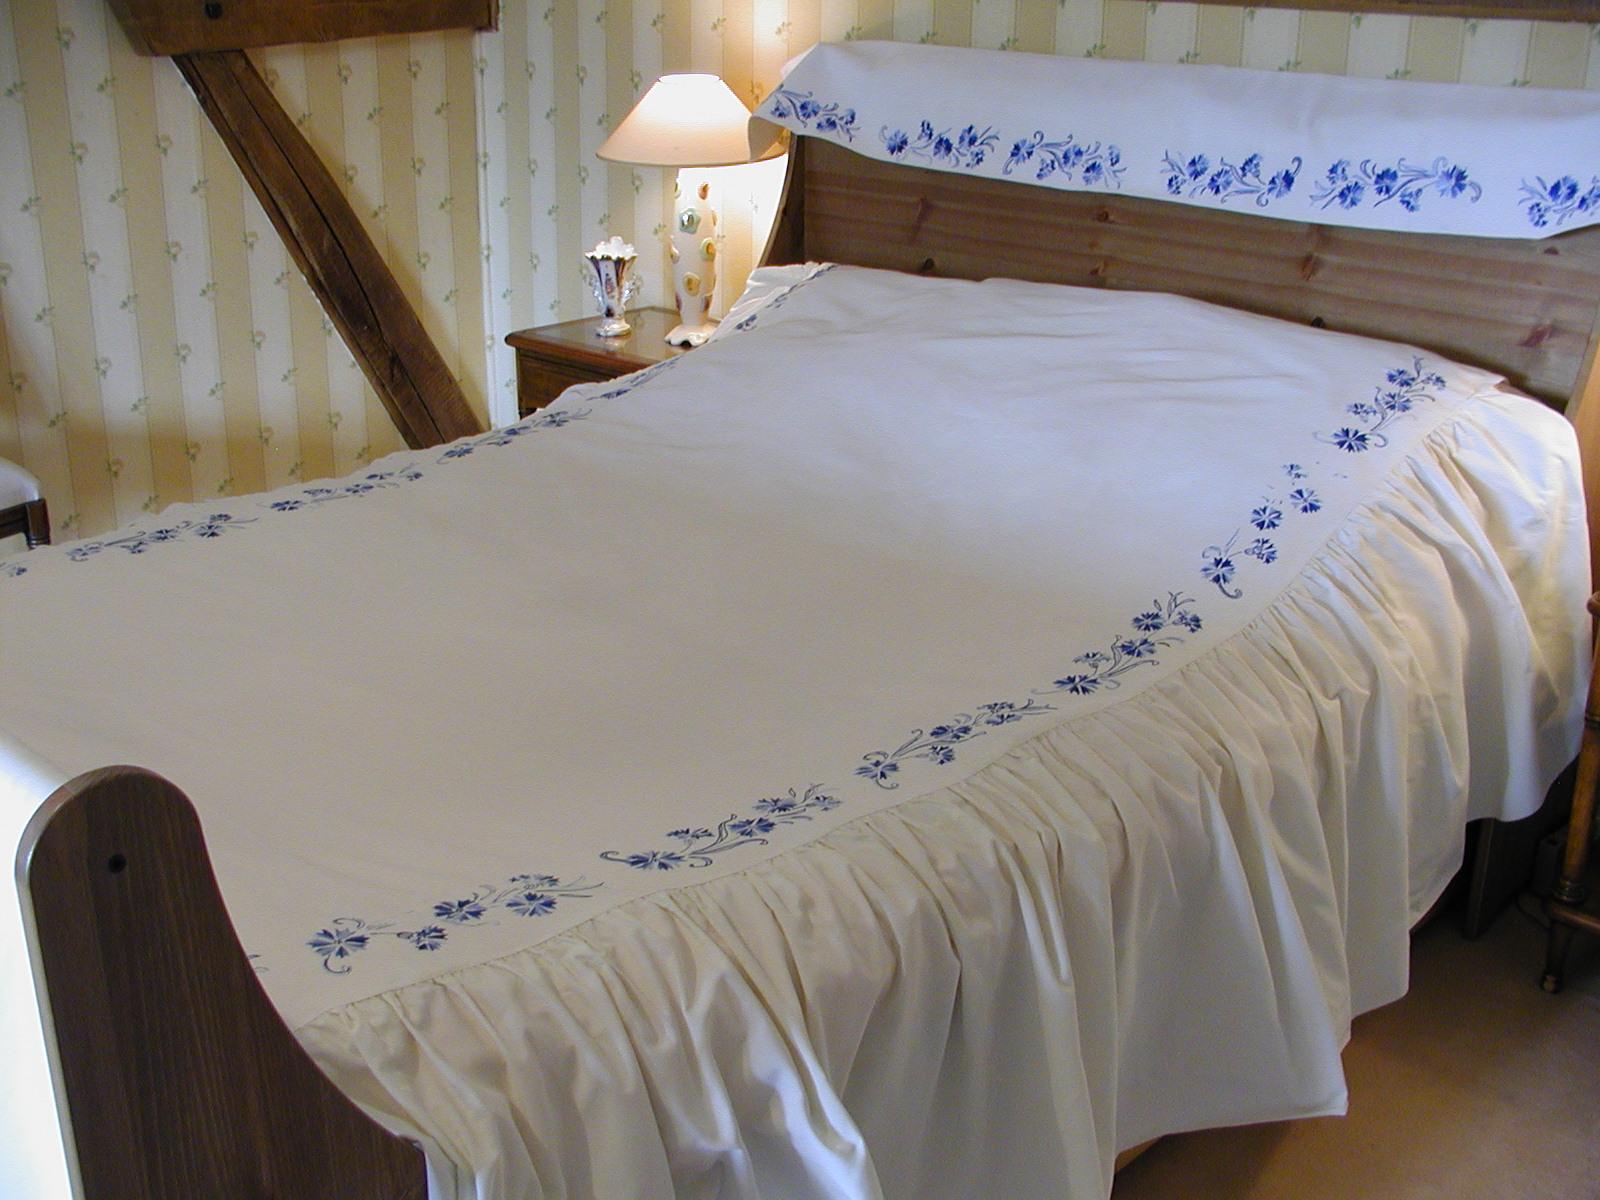 couvre lit et rideaux coordonnes 28 images les 25. Black Bedroom Furniture Sets. Home Design Ideas